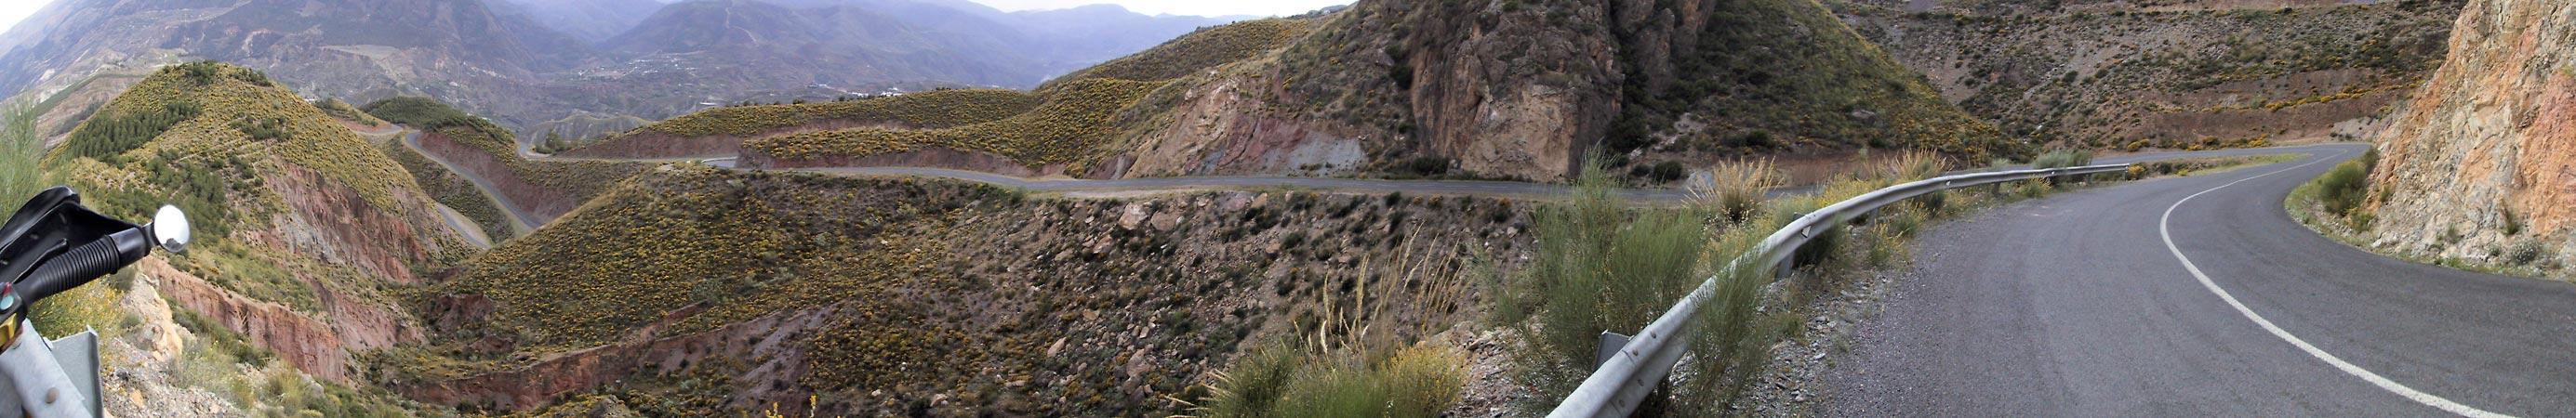 Steile rode ros=tsen, groen-geel negroeid waar het vlakker is, en een kluwen van een weg daar doorheen